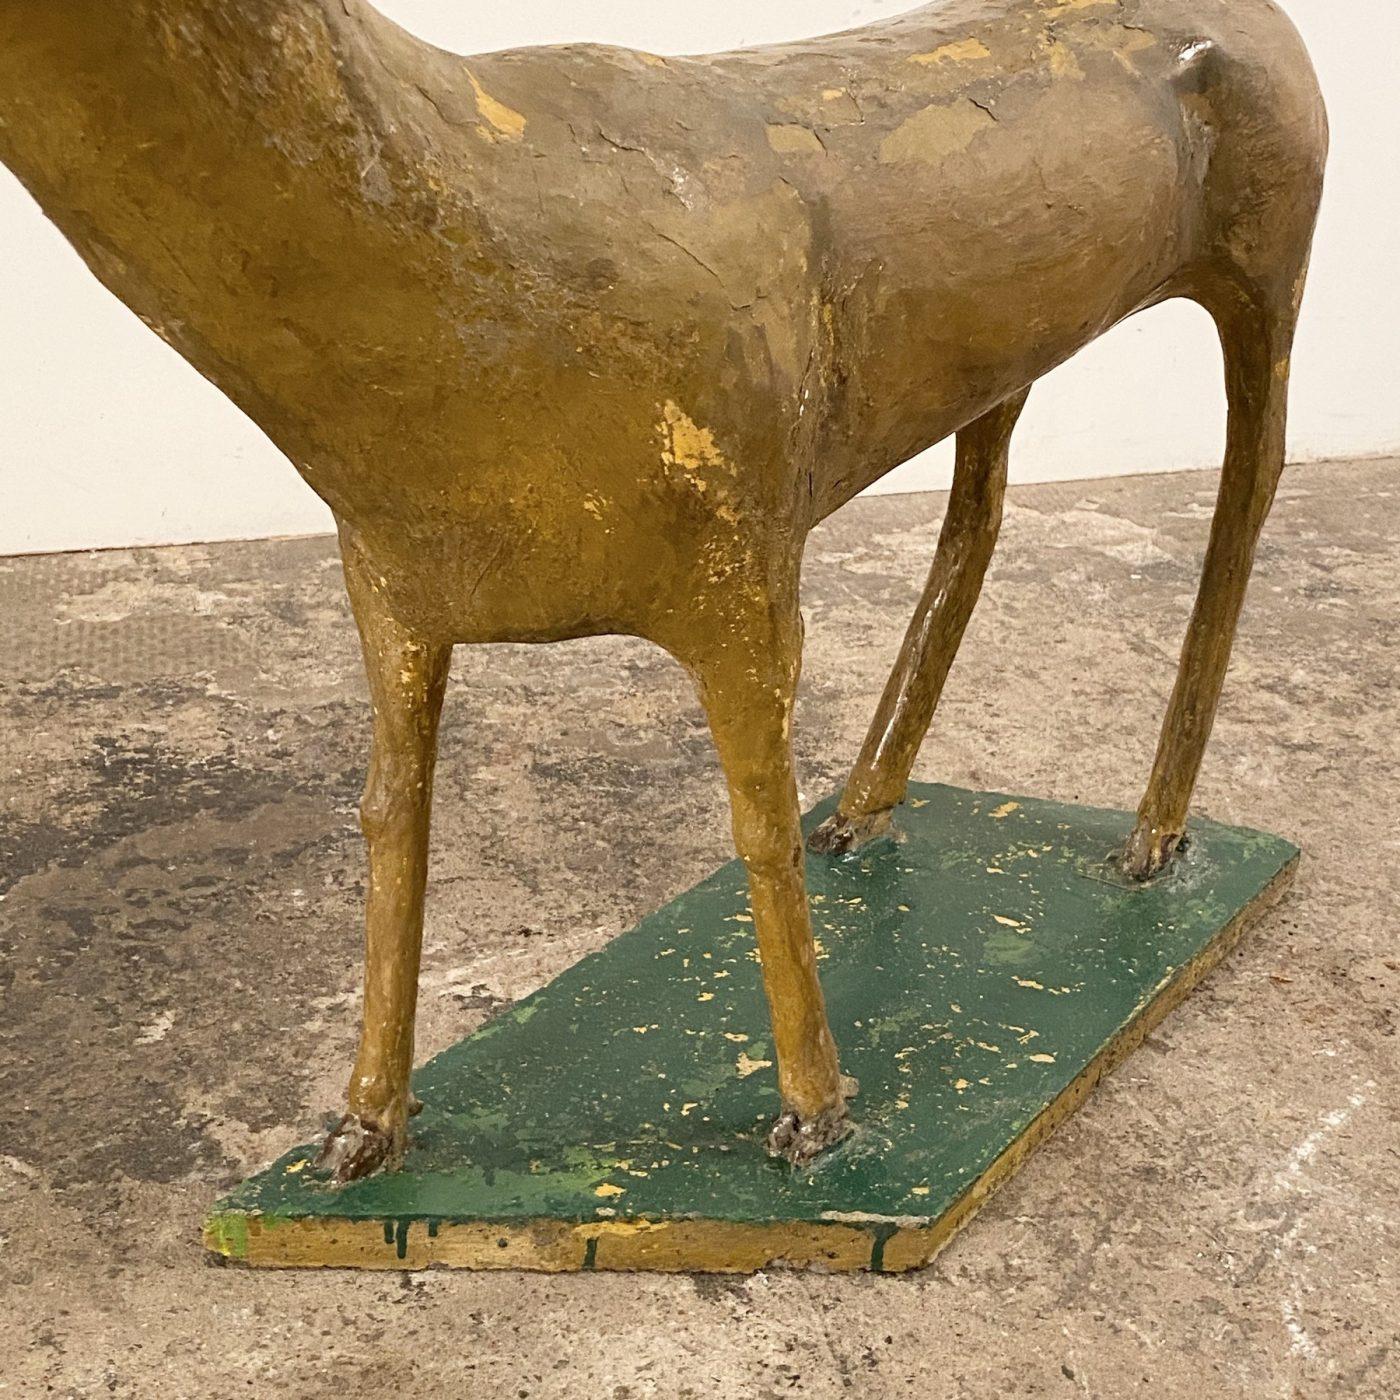 objet-vagabond-concrete-sculpture0000